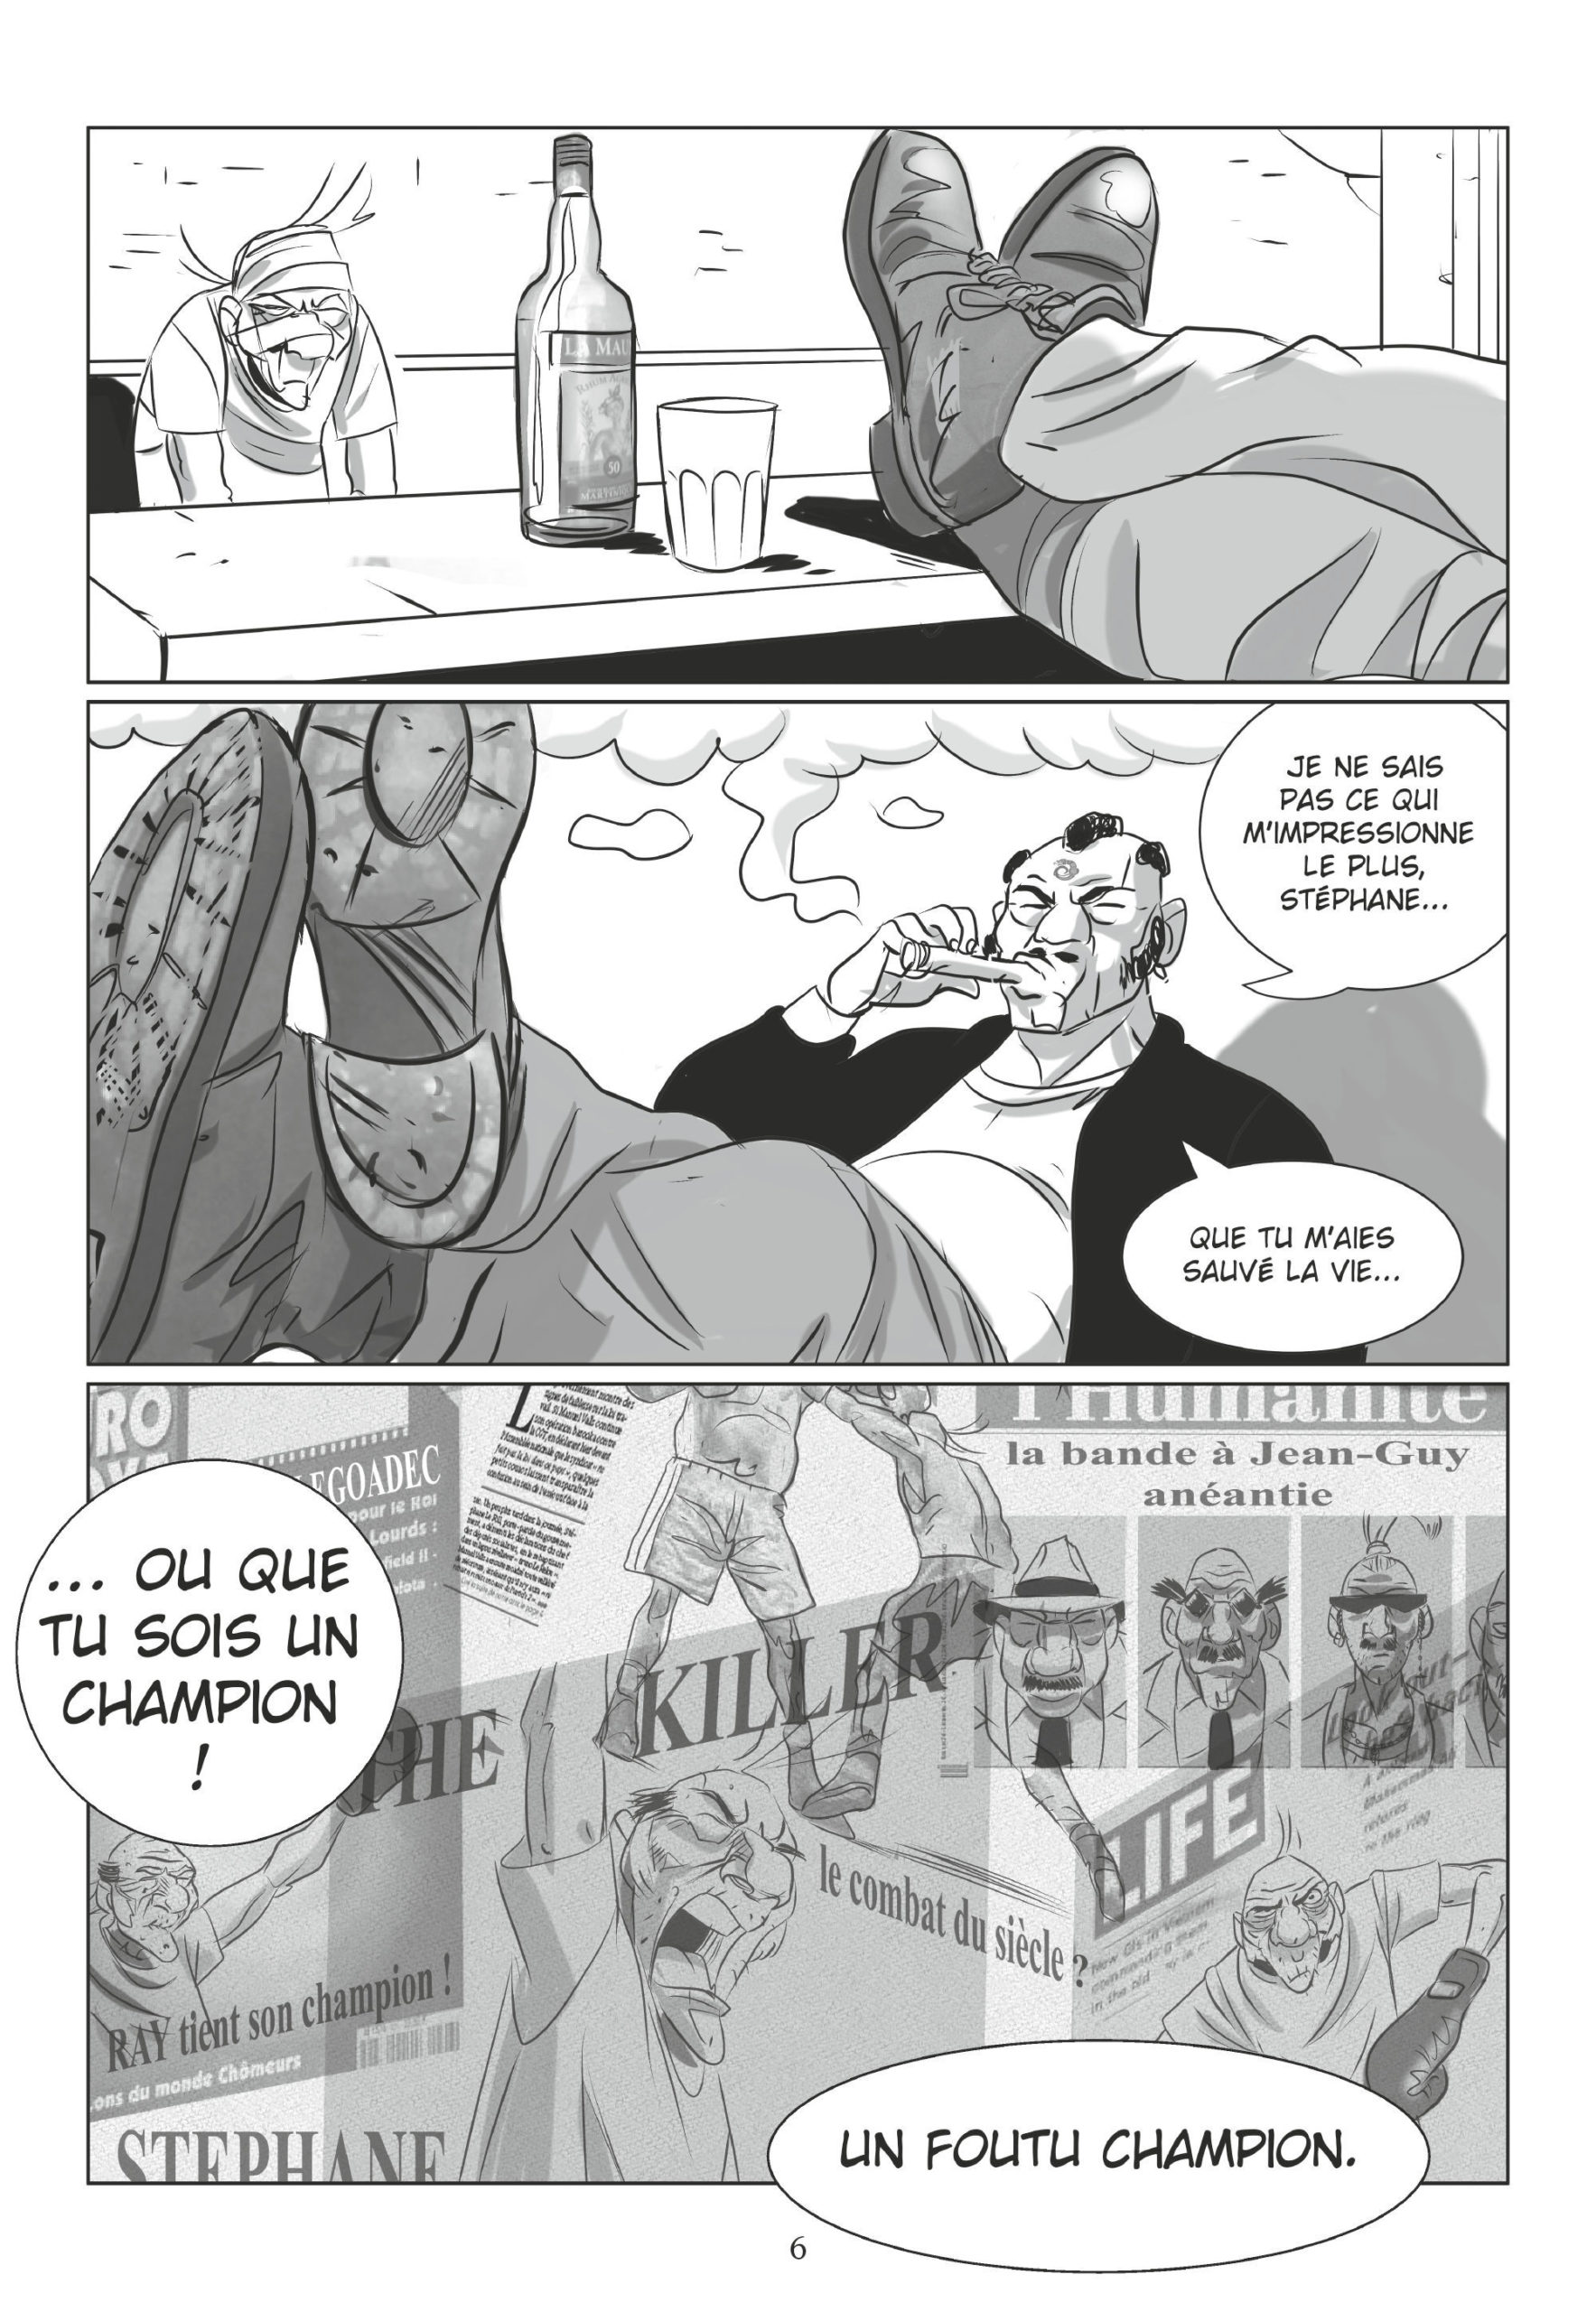 octofight #1 planche 4